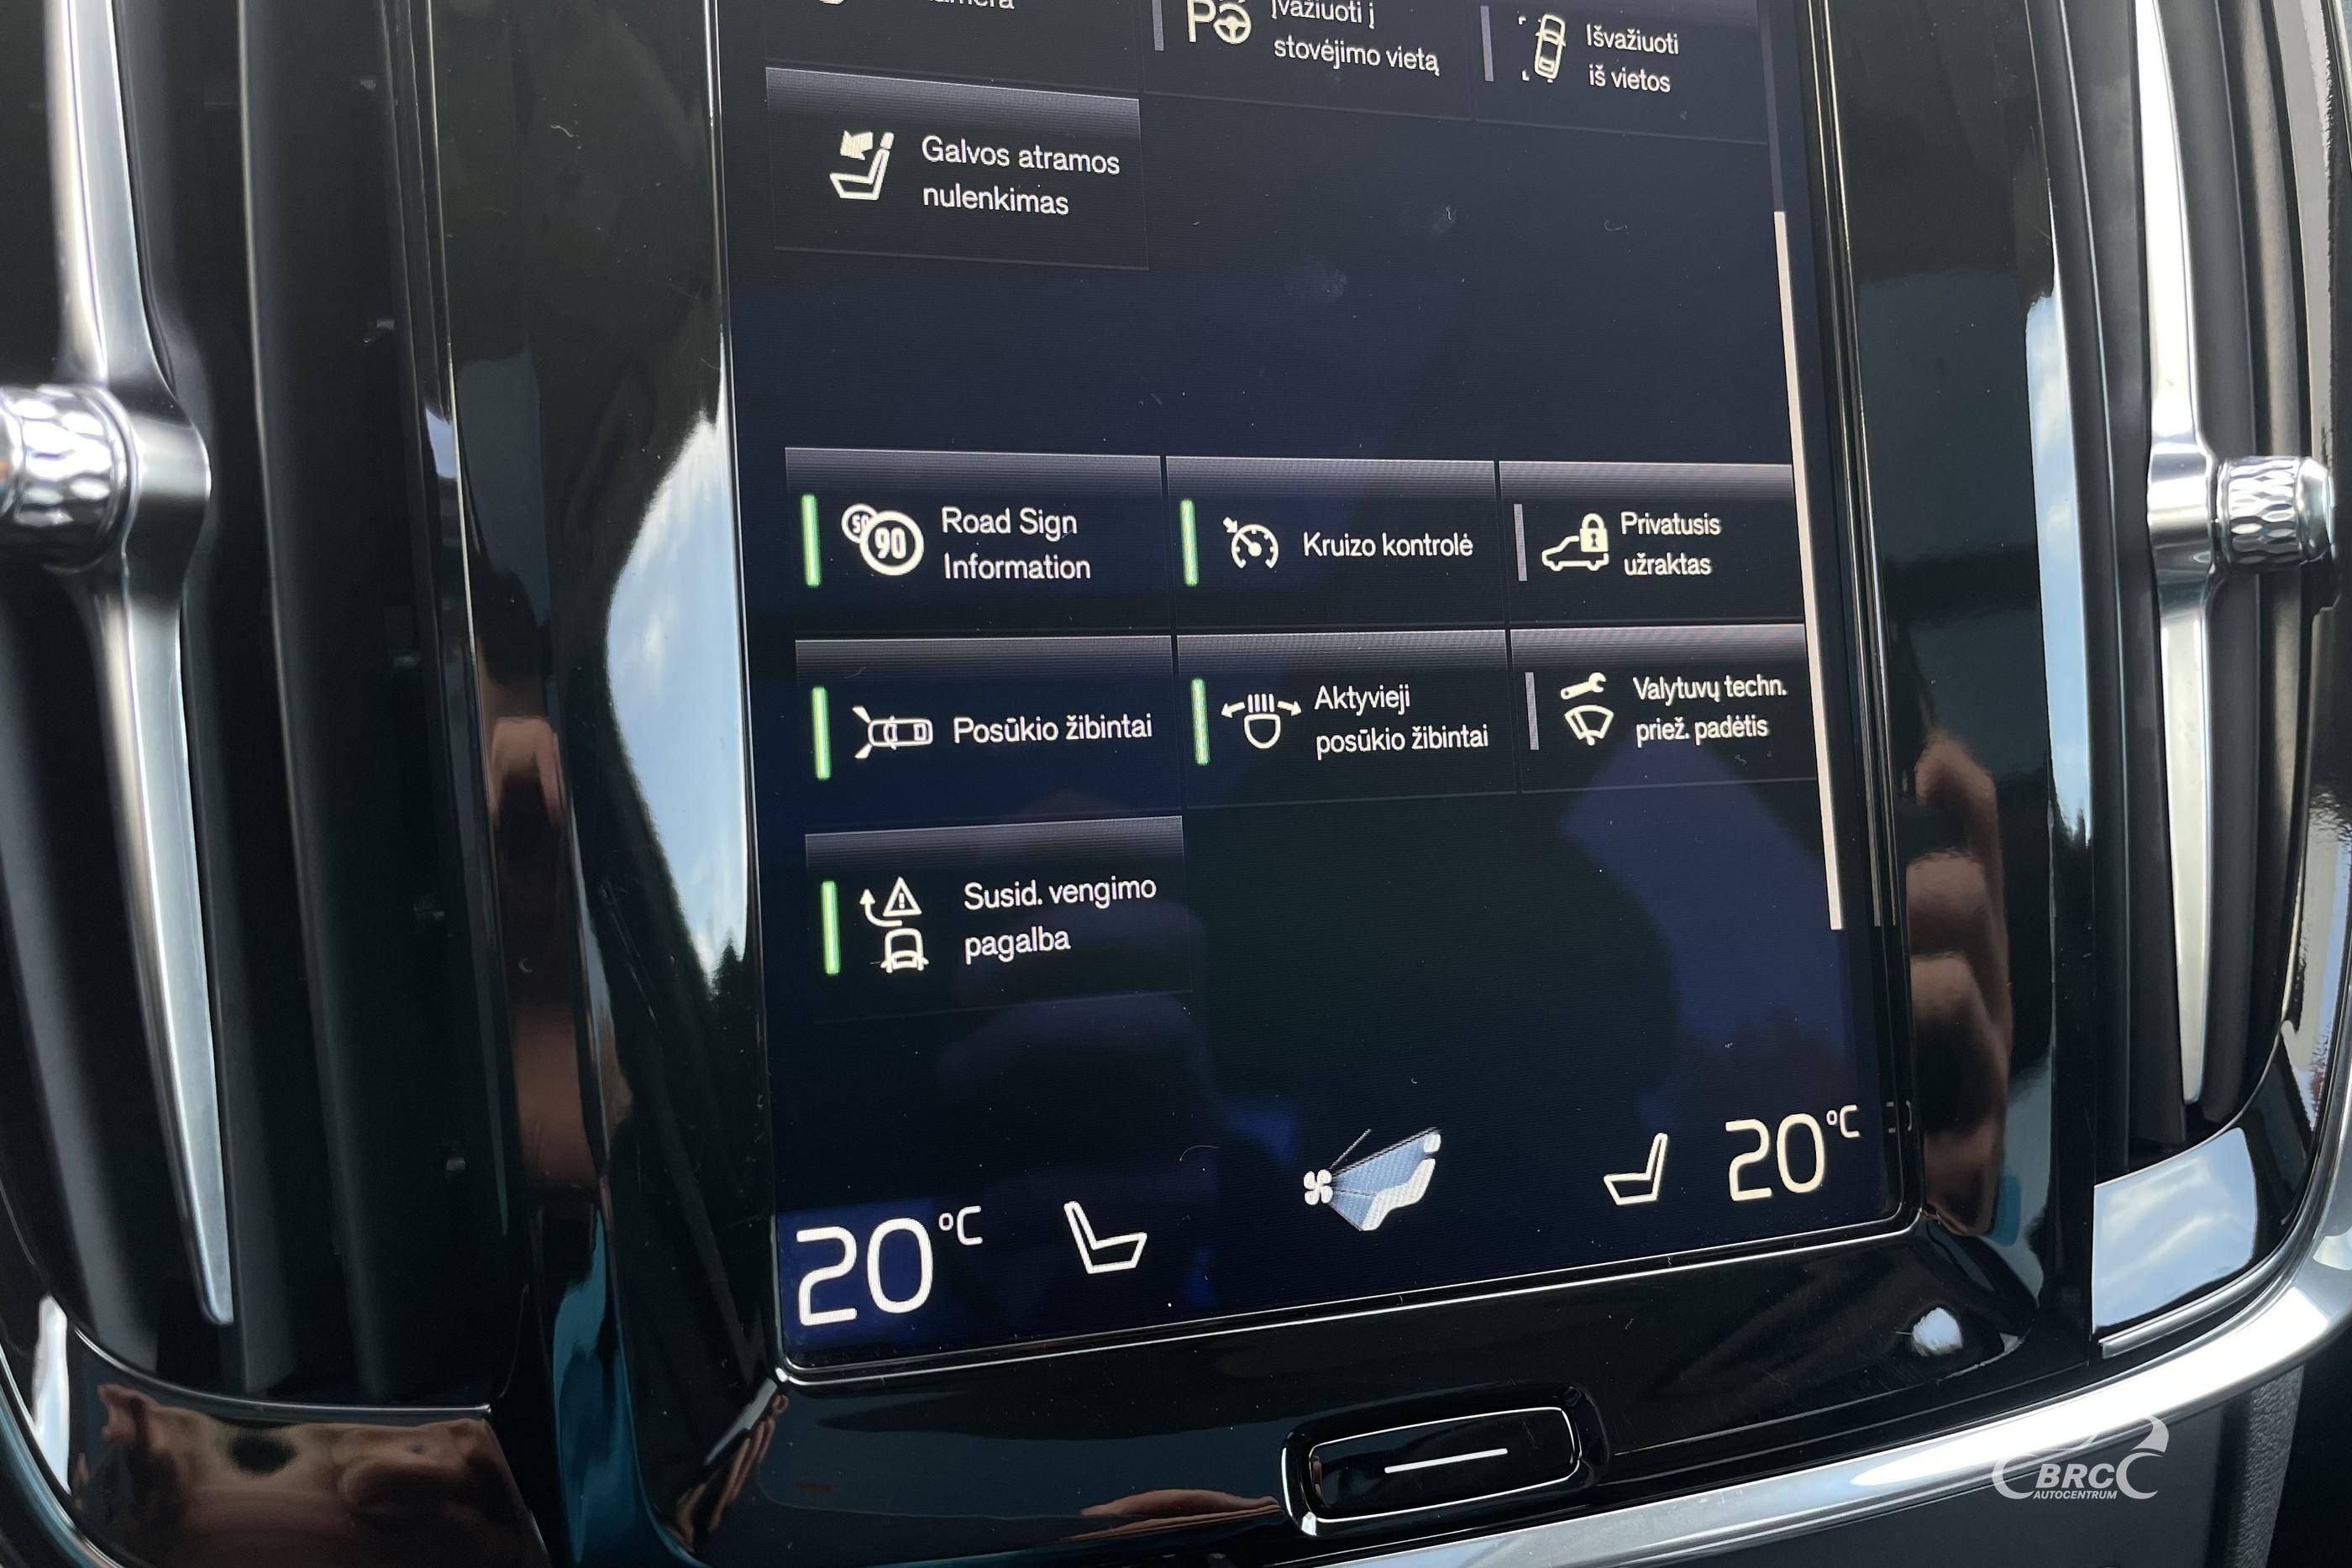 Volvo S90 2.0 T5 AWD Automatas